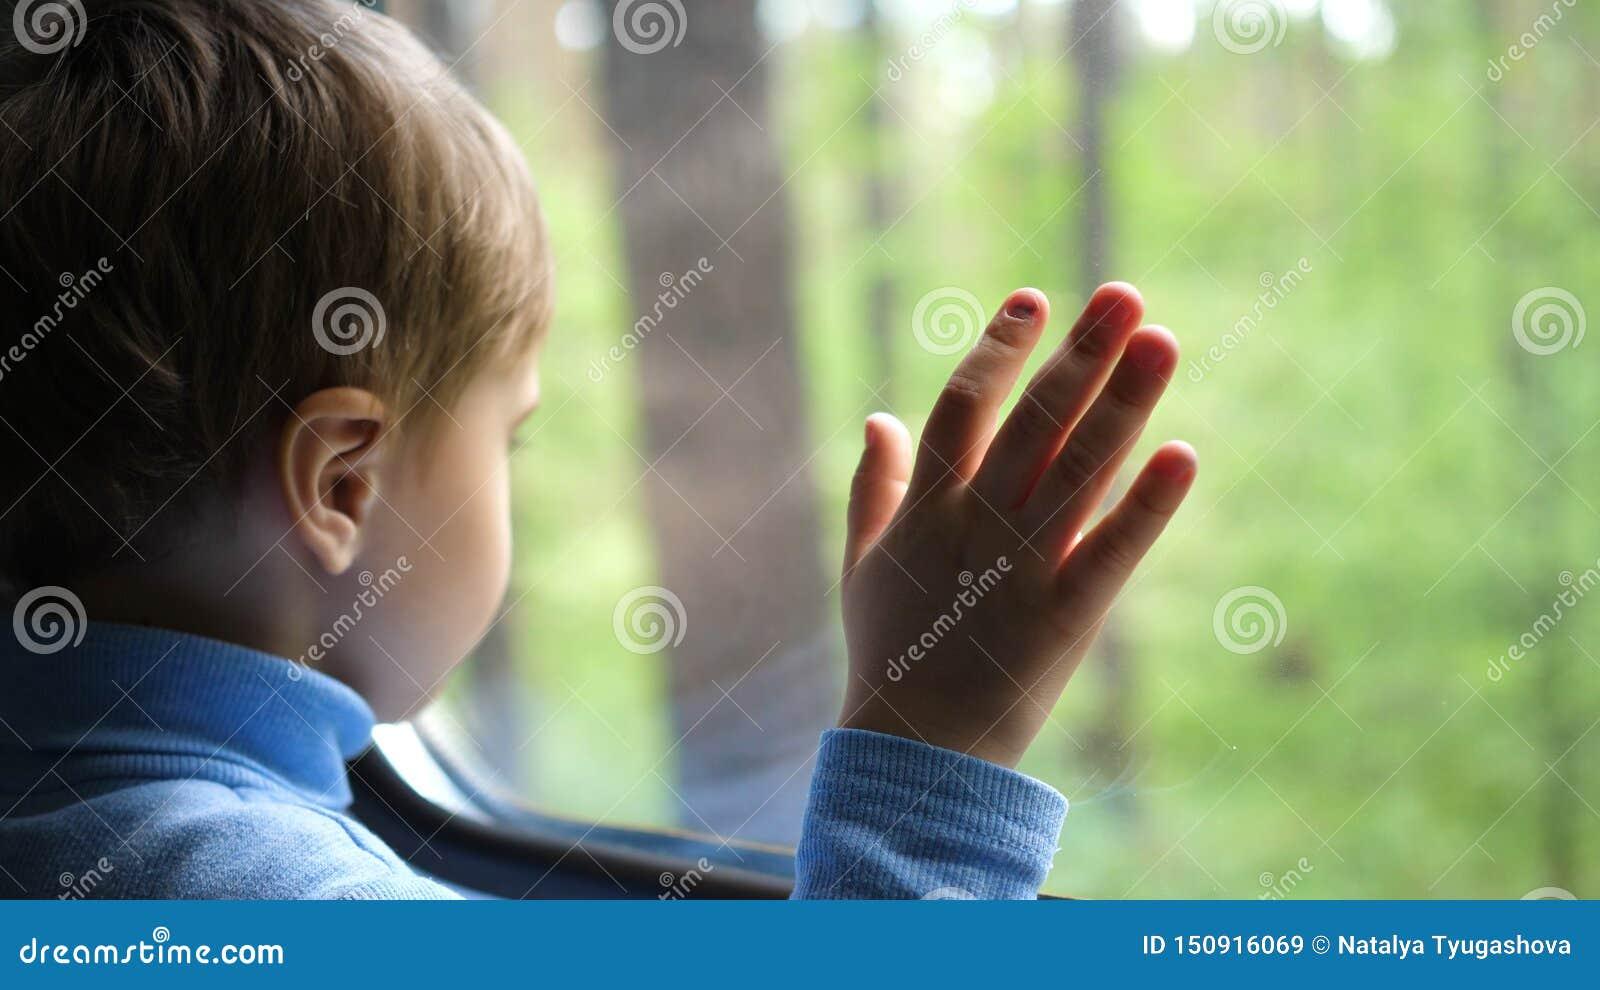 De jongen reist door trein en kijkt uit het venster, lettend op de bewegende voorwerpen buiten het venster Handclose-up